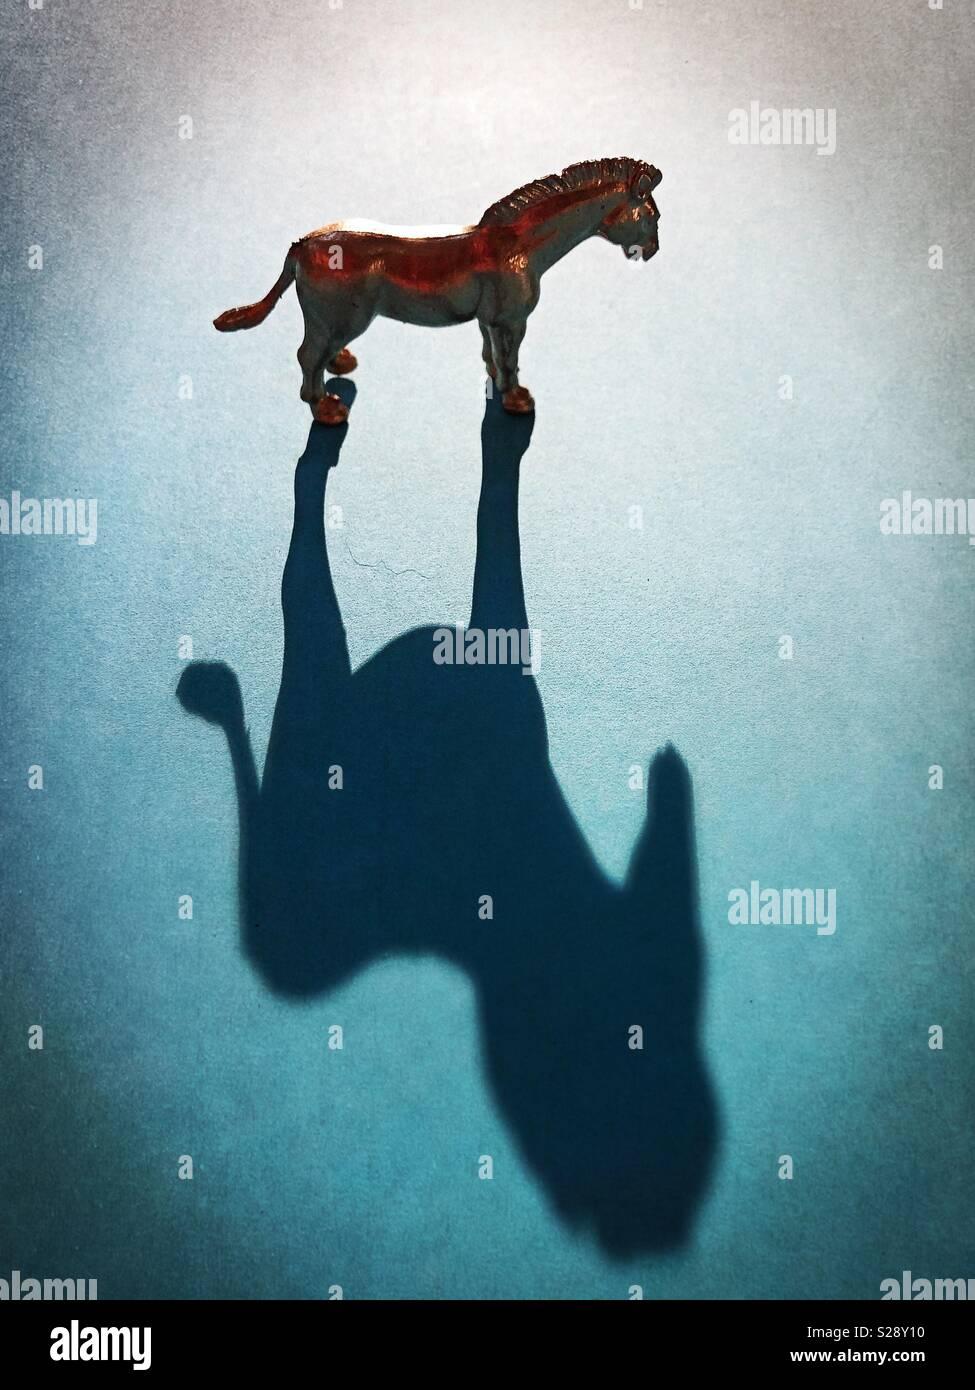 Ein gold Pferd-Figur und Schatten. Stockbild